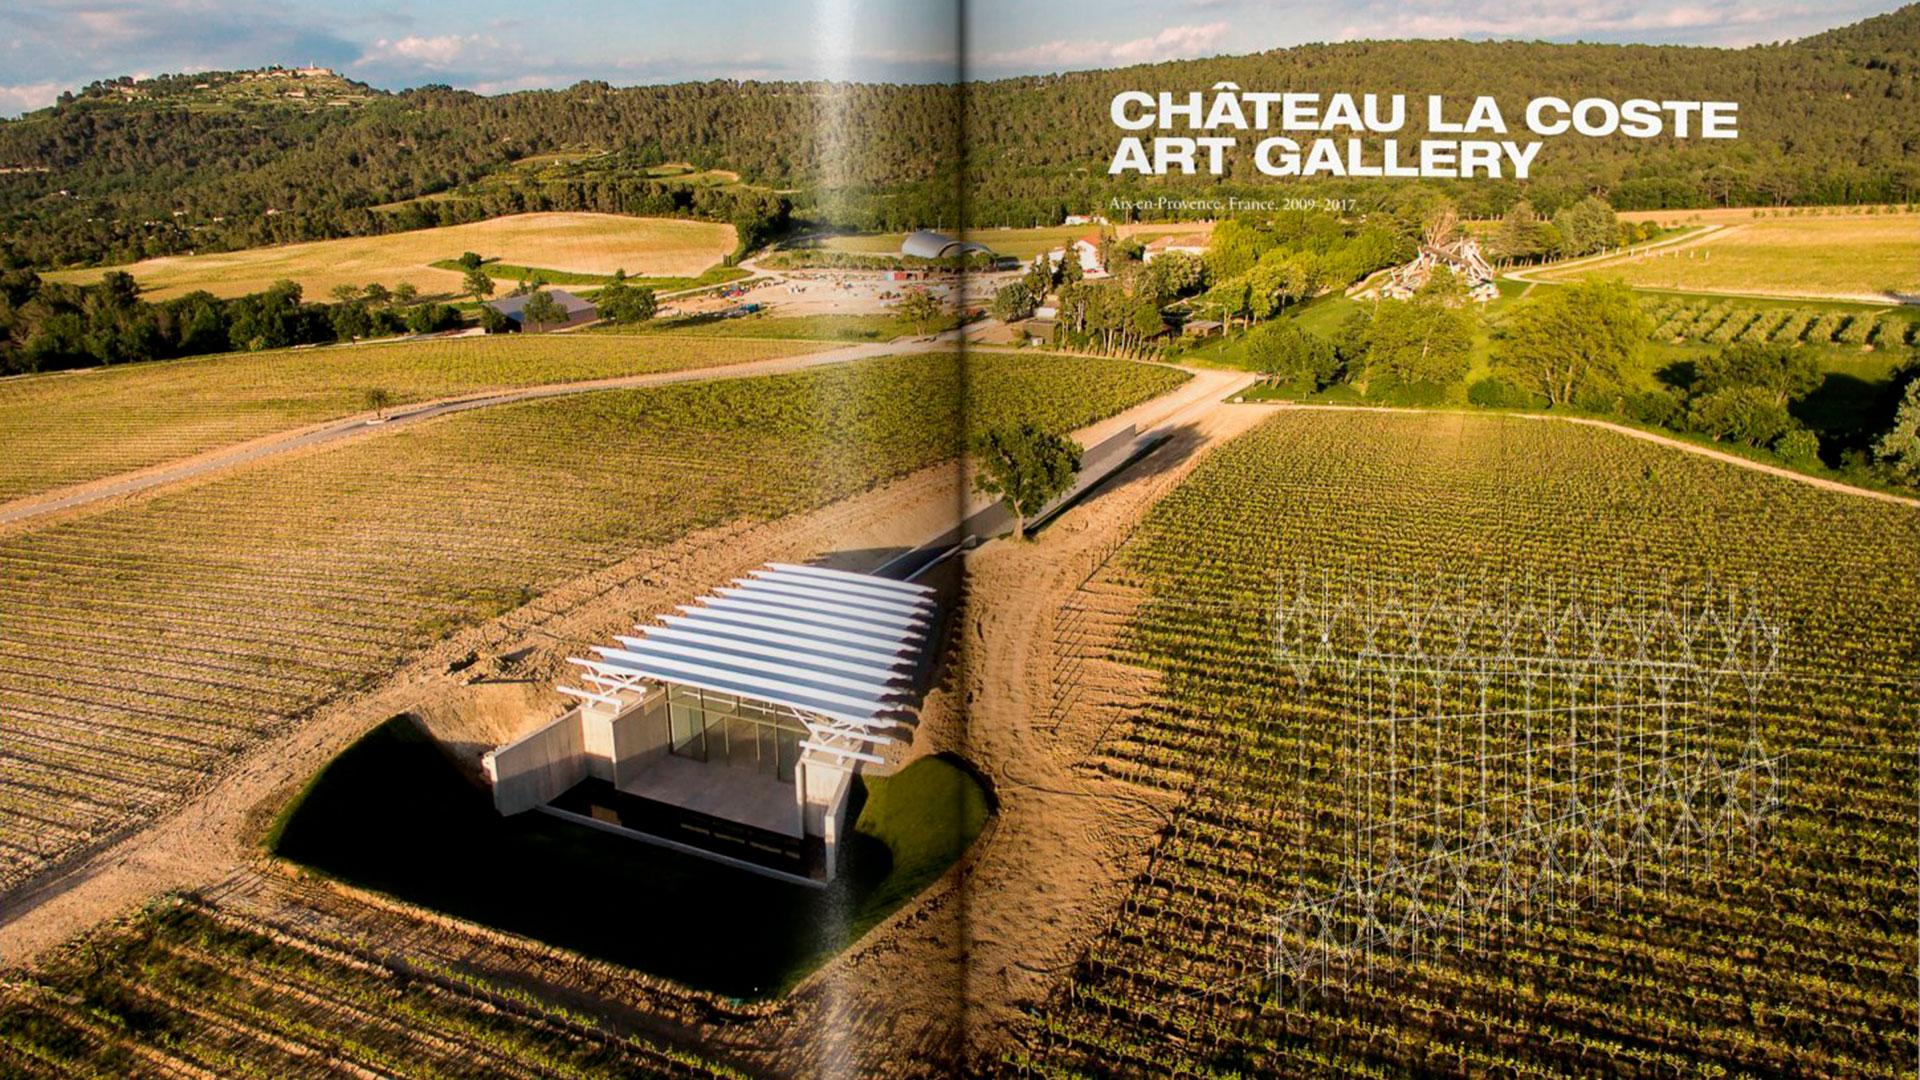 Imagen del libro sobre el arquitecto Renzo Piano editado por Taschen